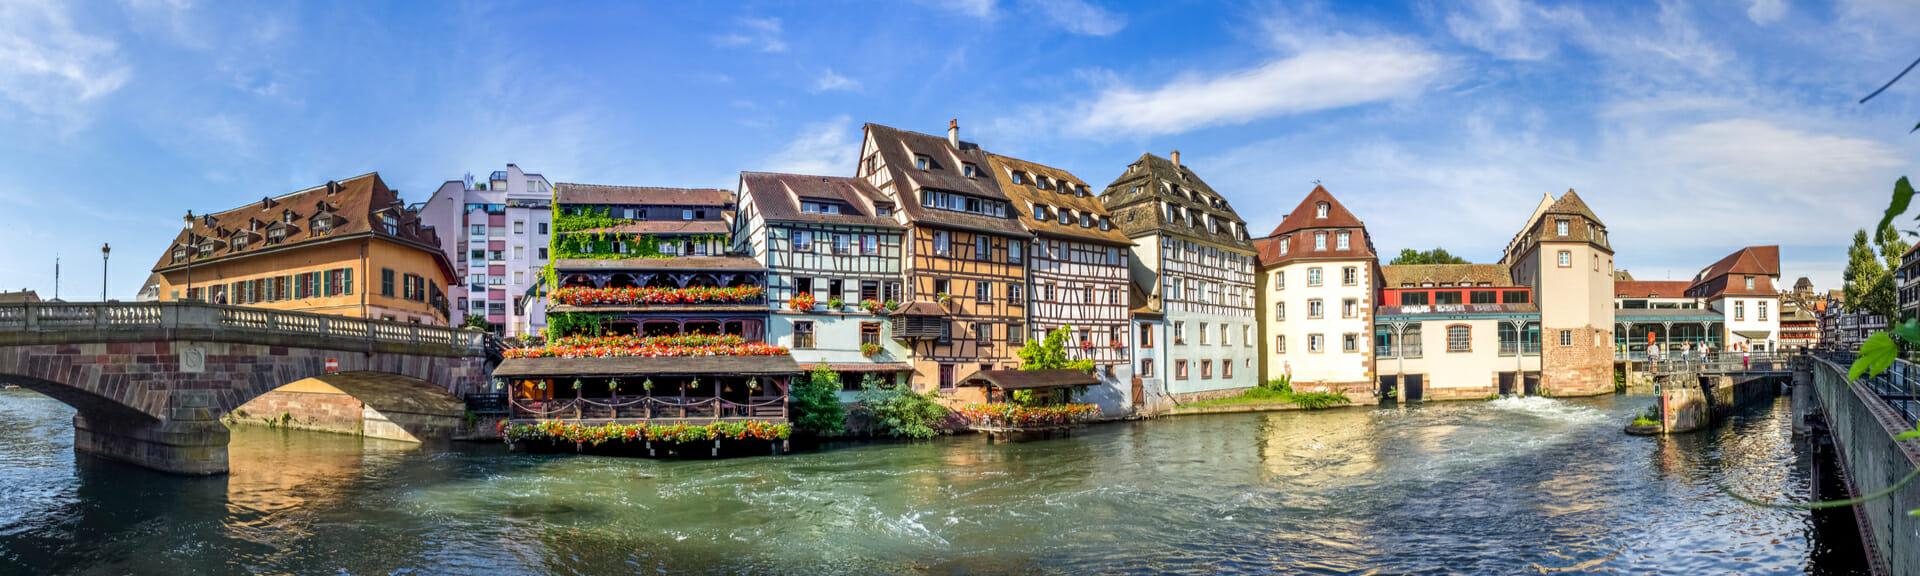 Klassenfahrt Strassburg typische Fachwerkhäuser